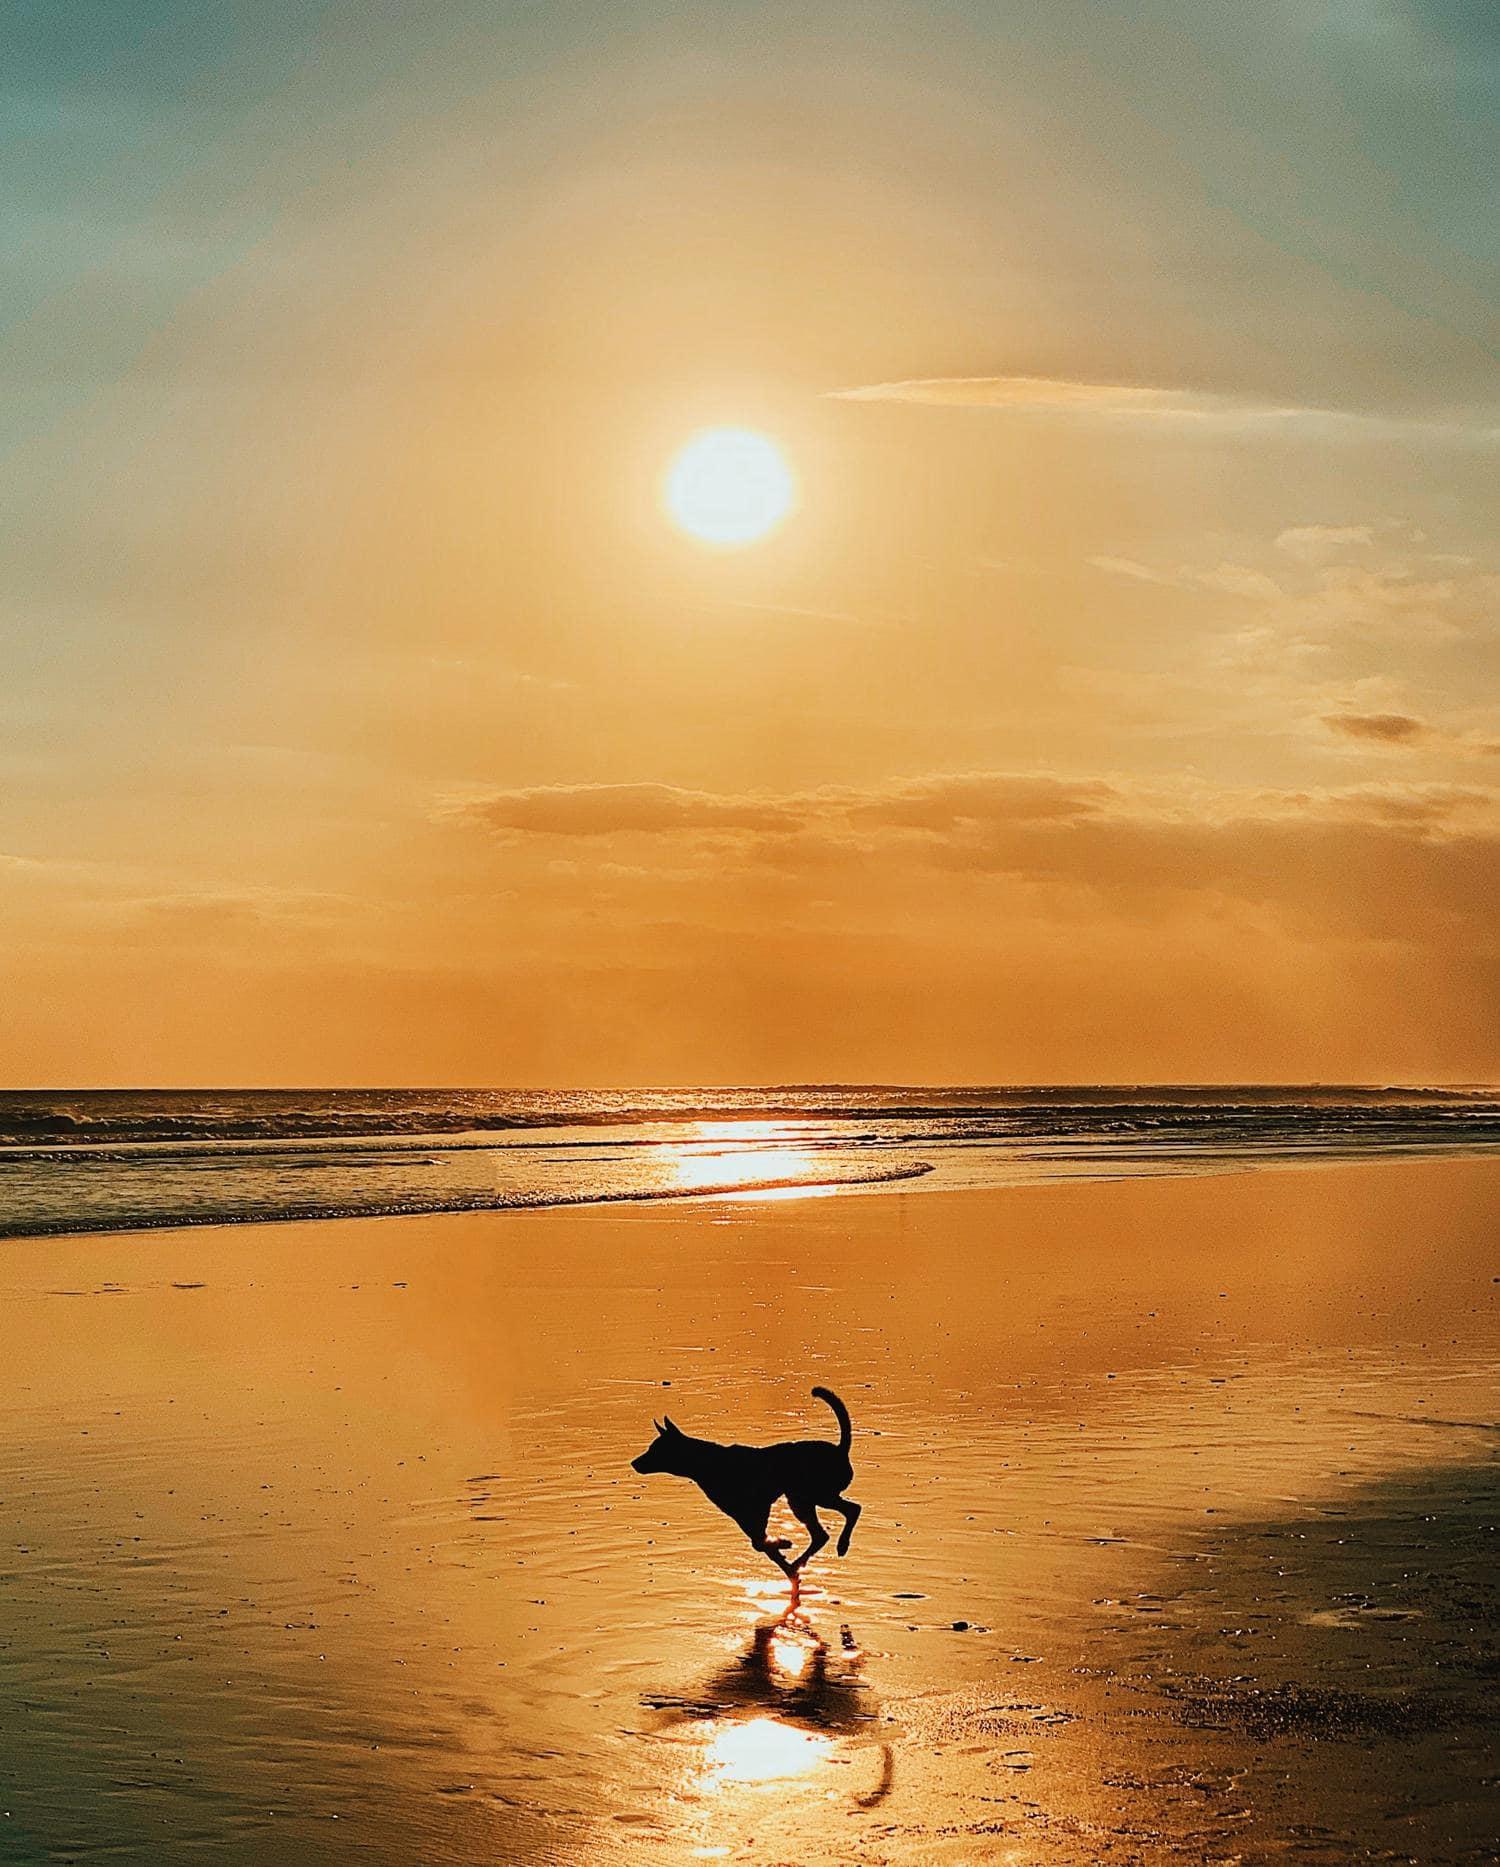 silueta de perro en playa al atardecer